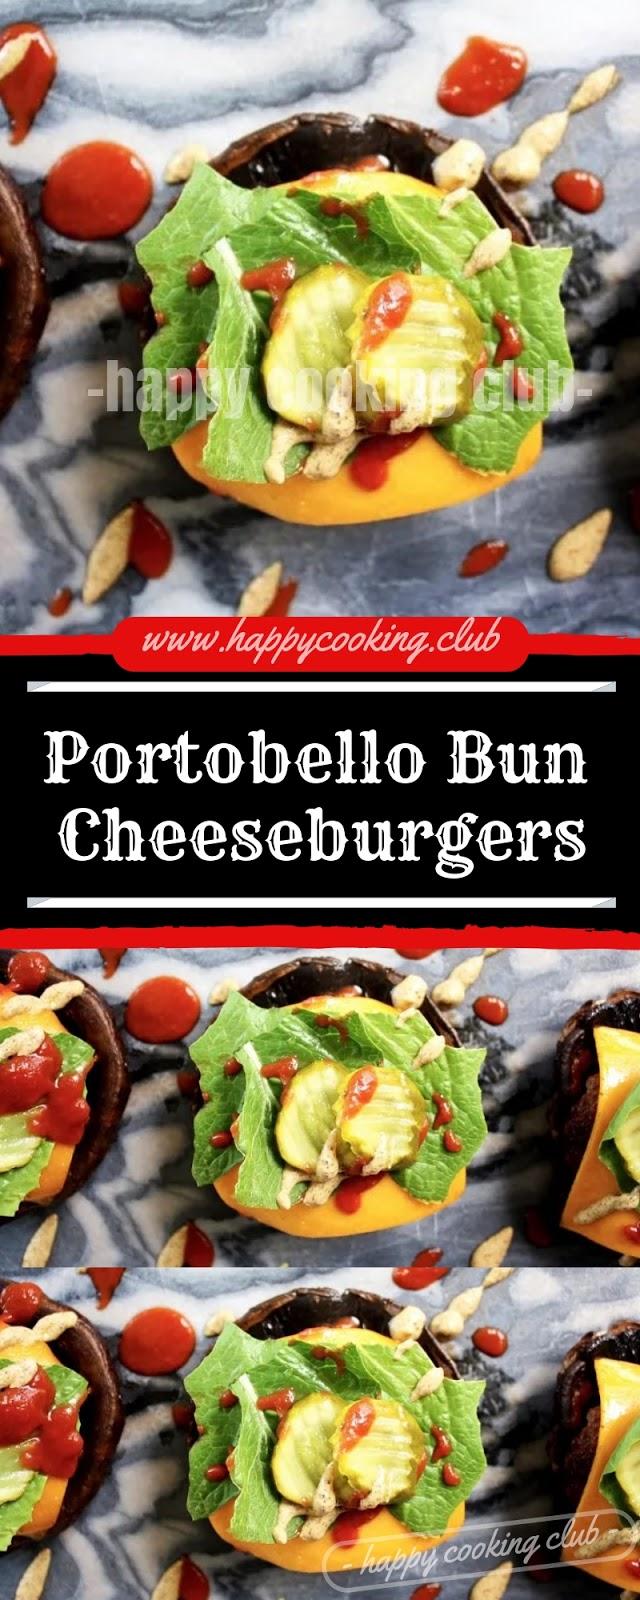 Portobello Bun Cheeseburgers